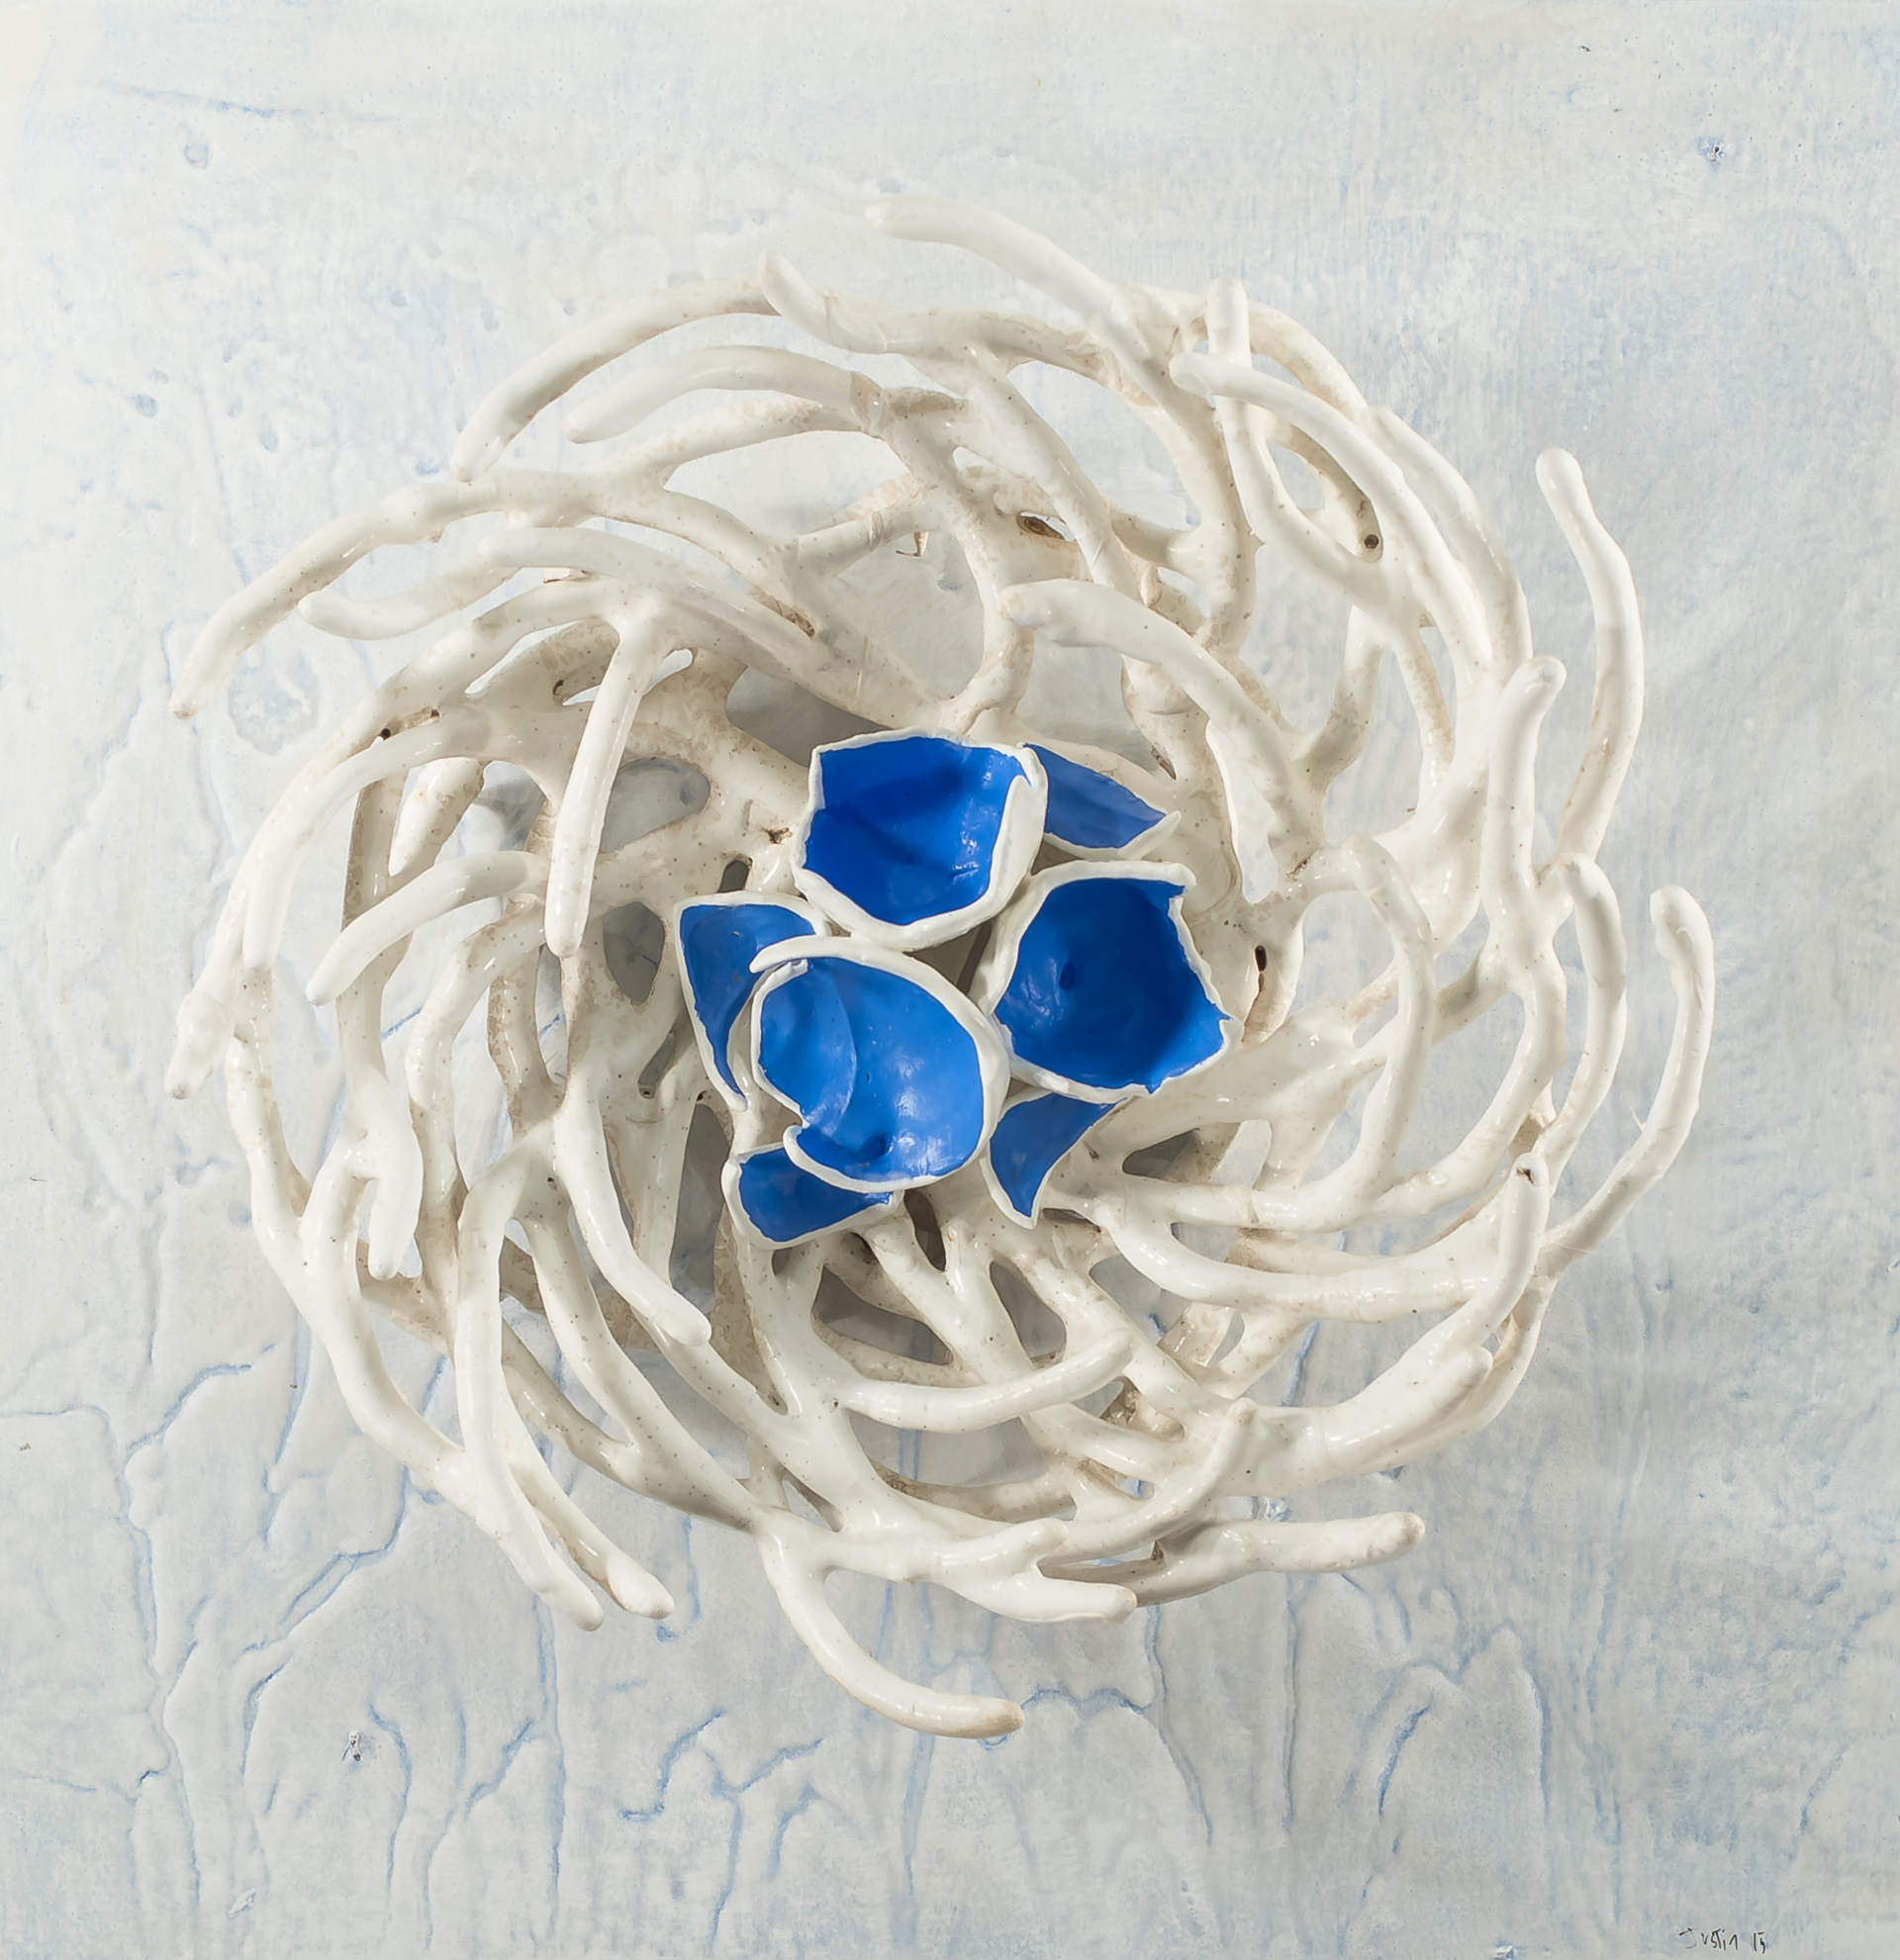 WELDED STEEL NEST  by JUSTIN GAFFREY